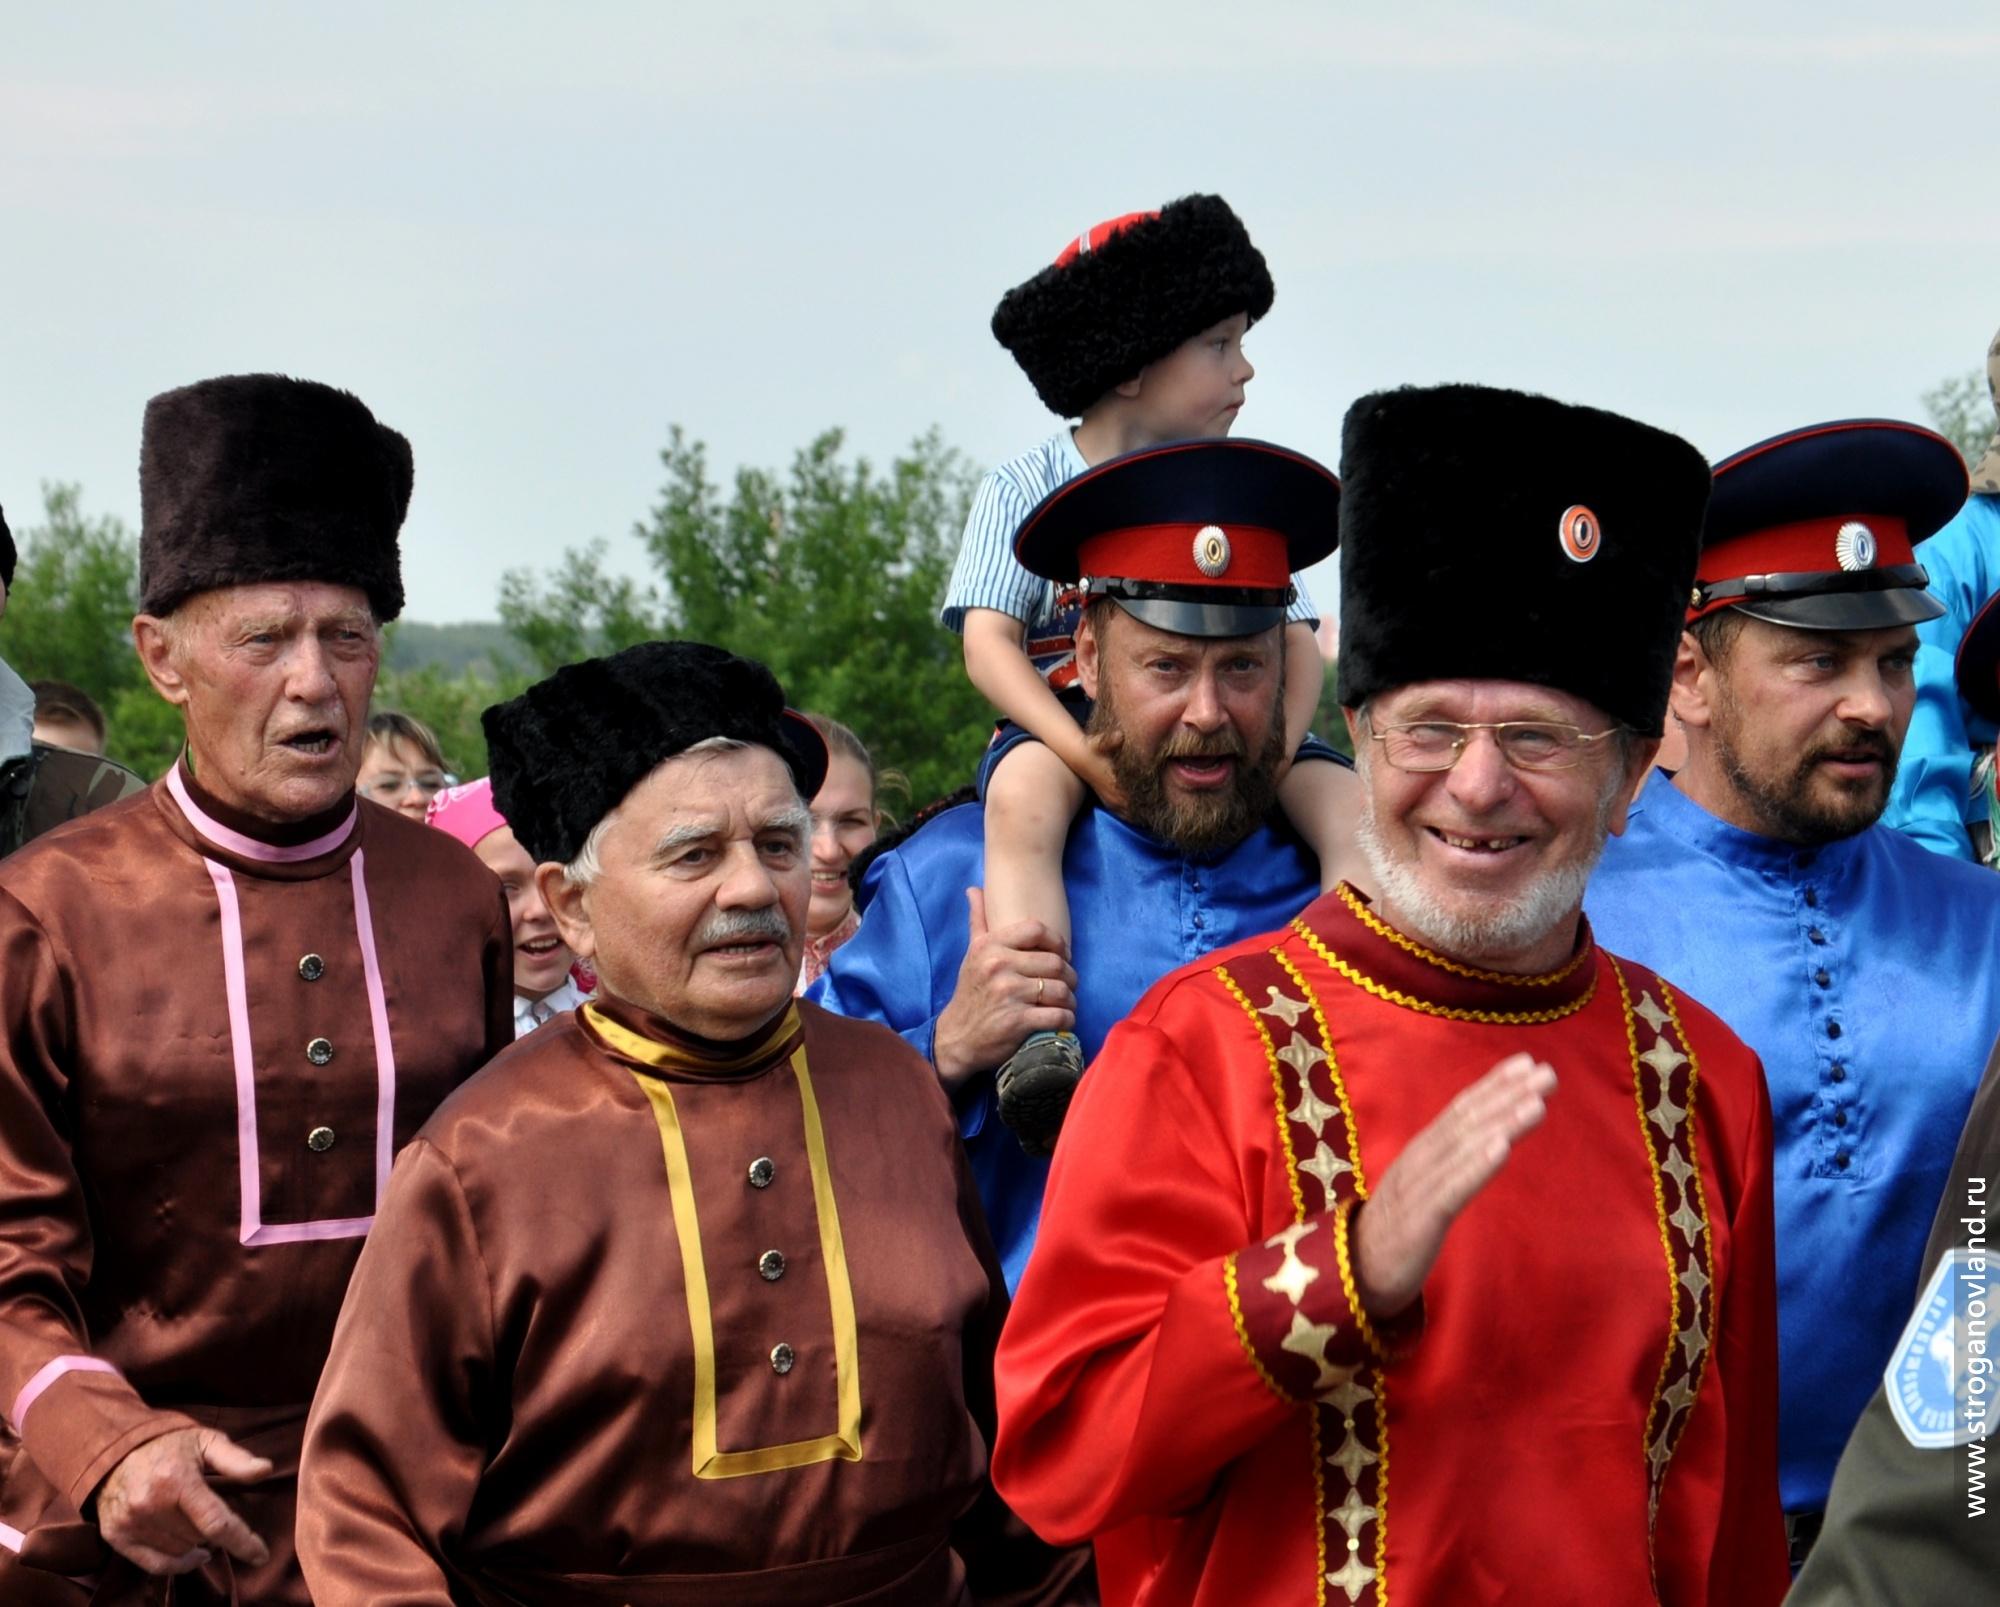 Илана из уральских пельменей фотографии древних славян